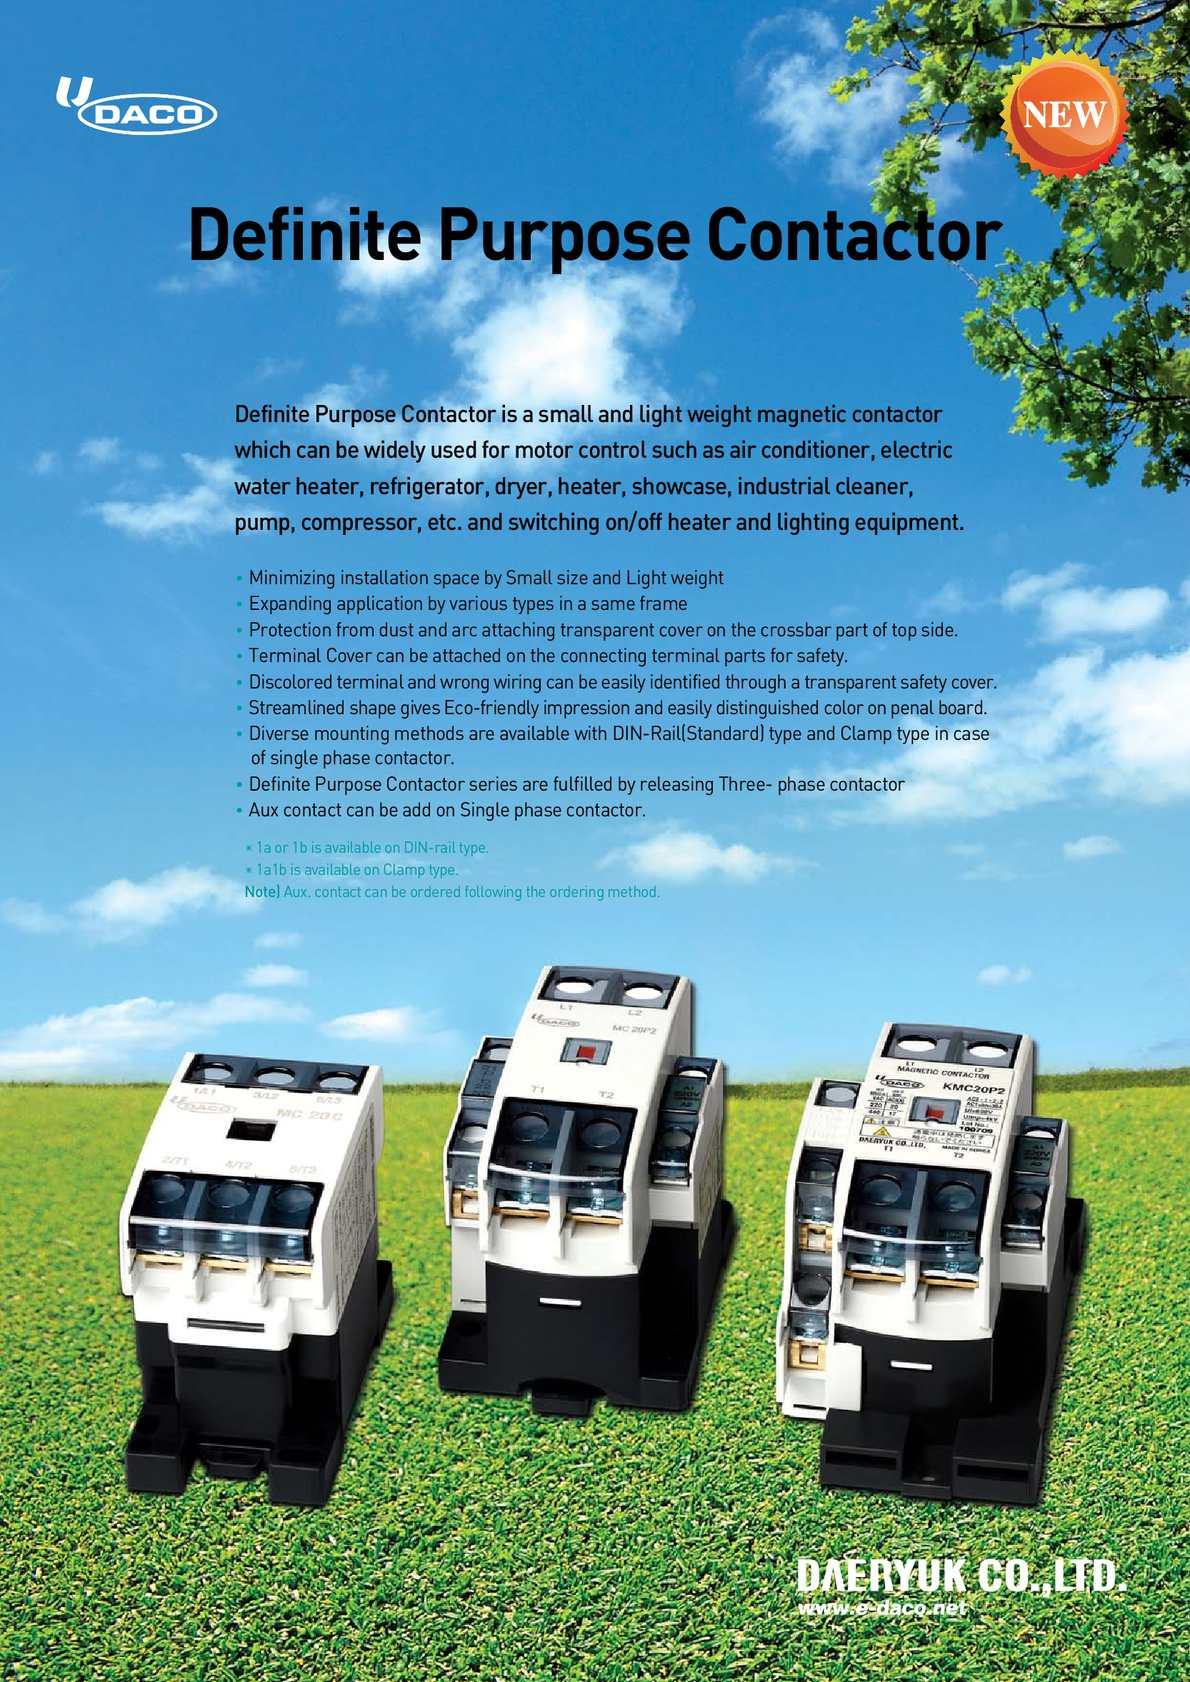 DACO 2 pole Contactors